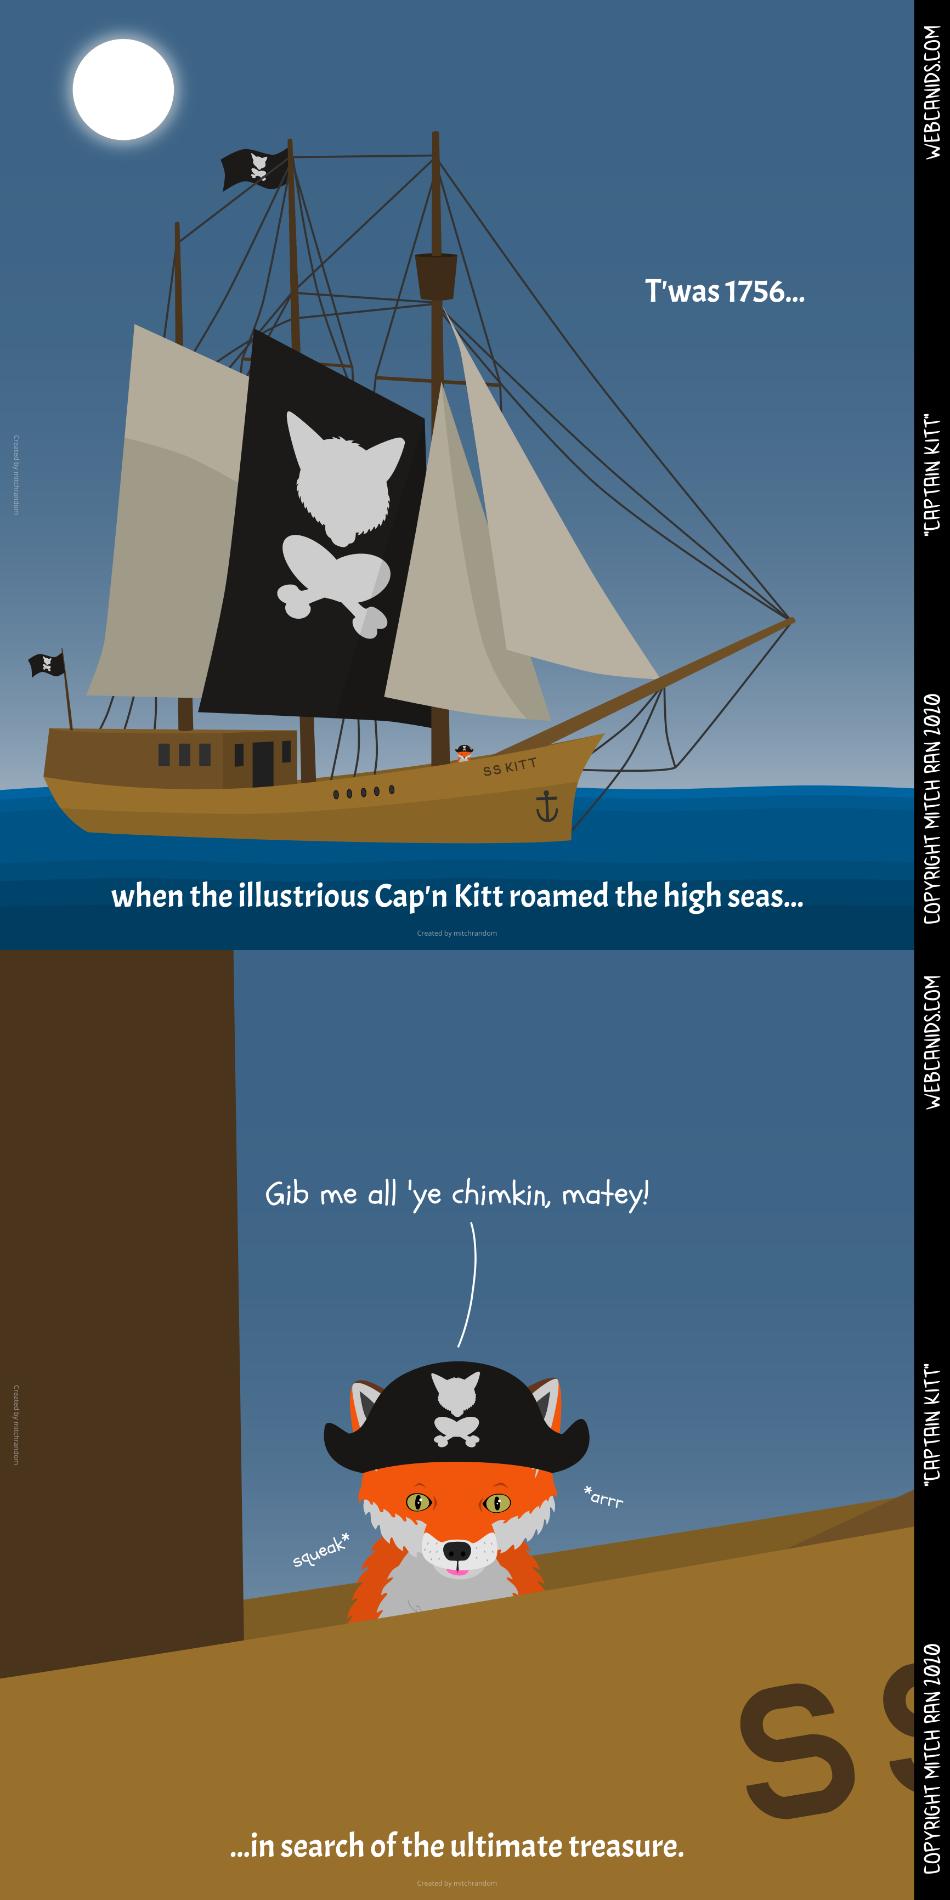 Captain Kitt